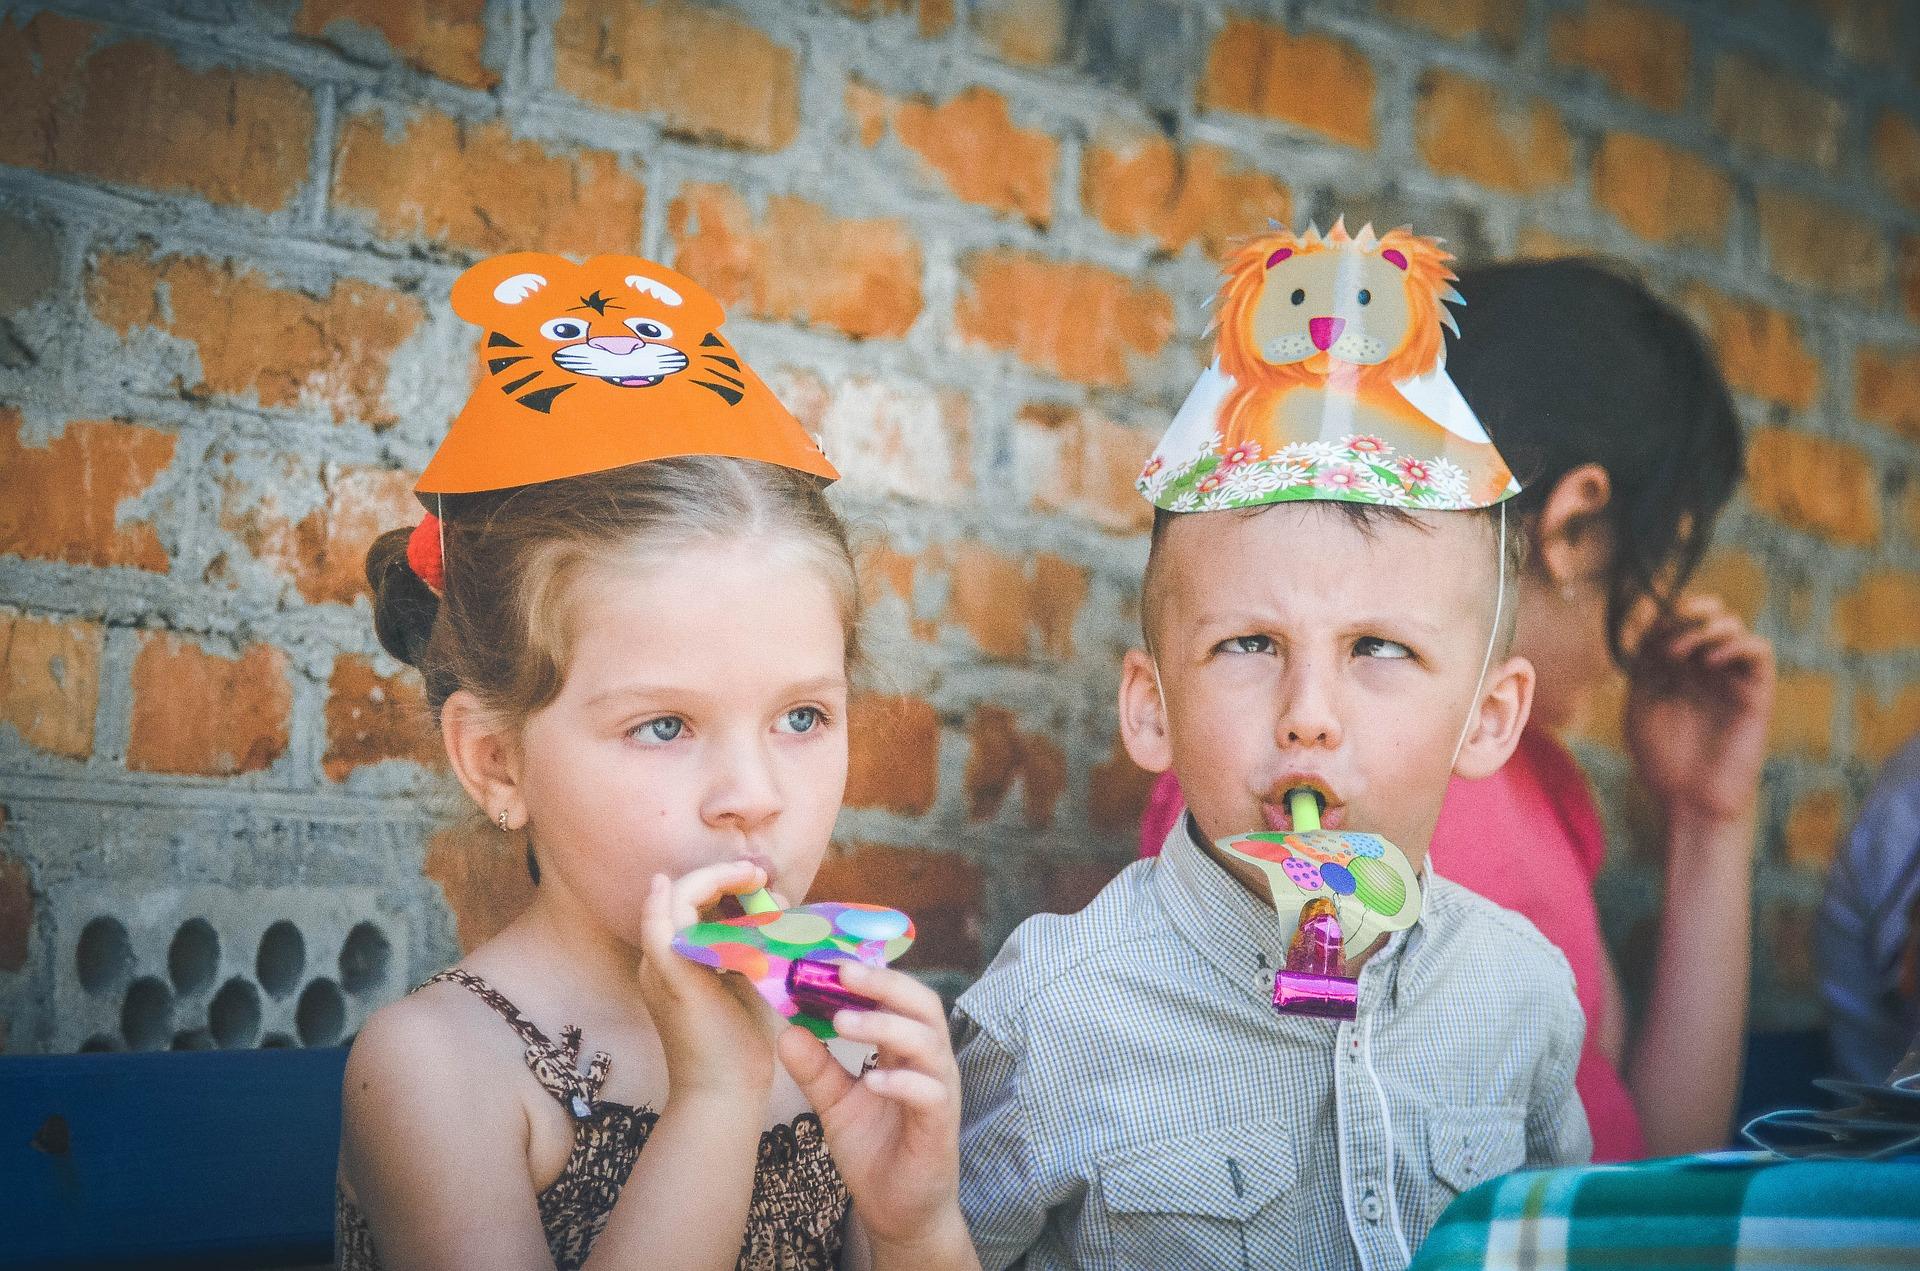 kids-783520_1920.jpg